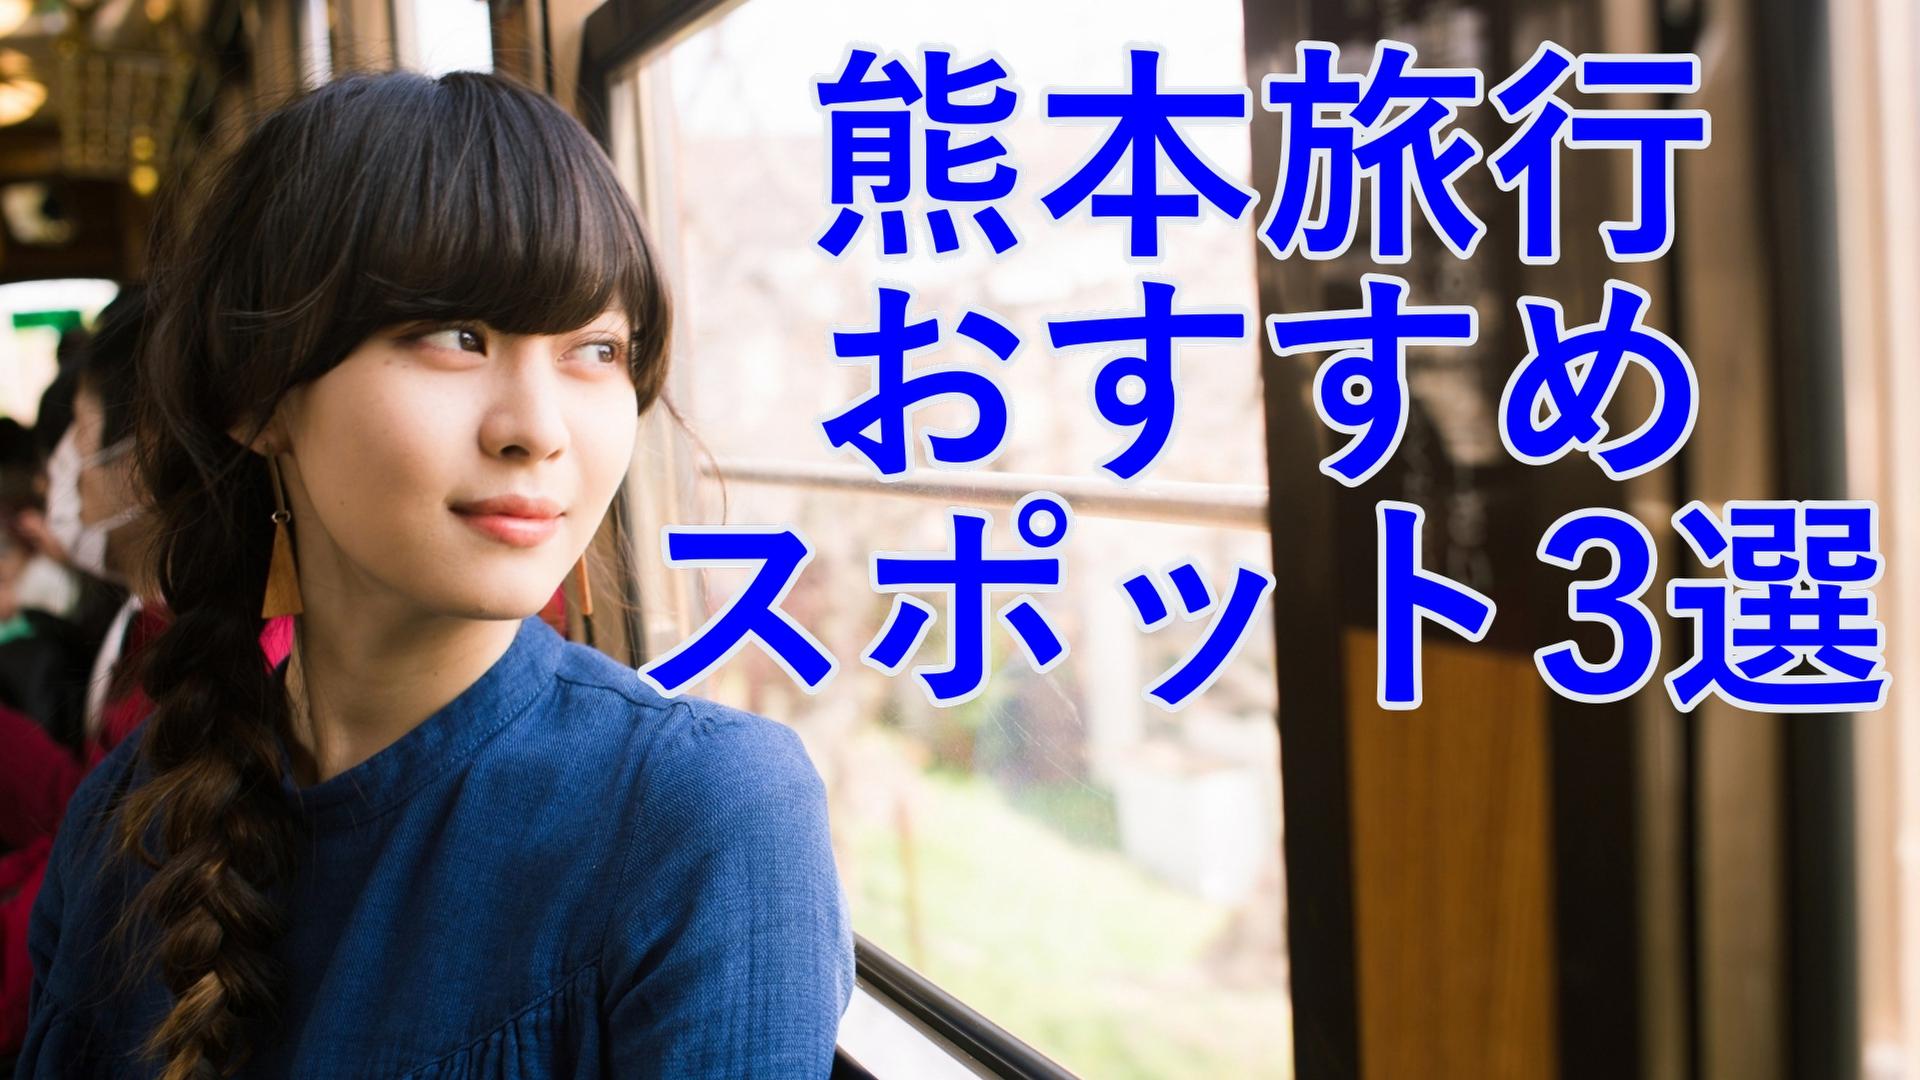 熊本旅行おすすめスポット3選